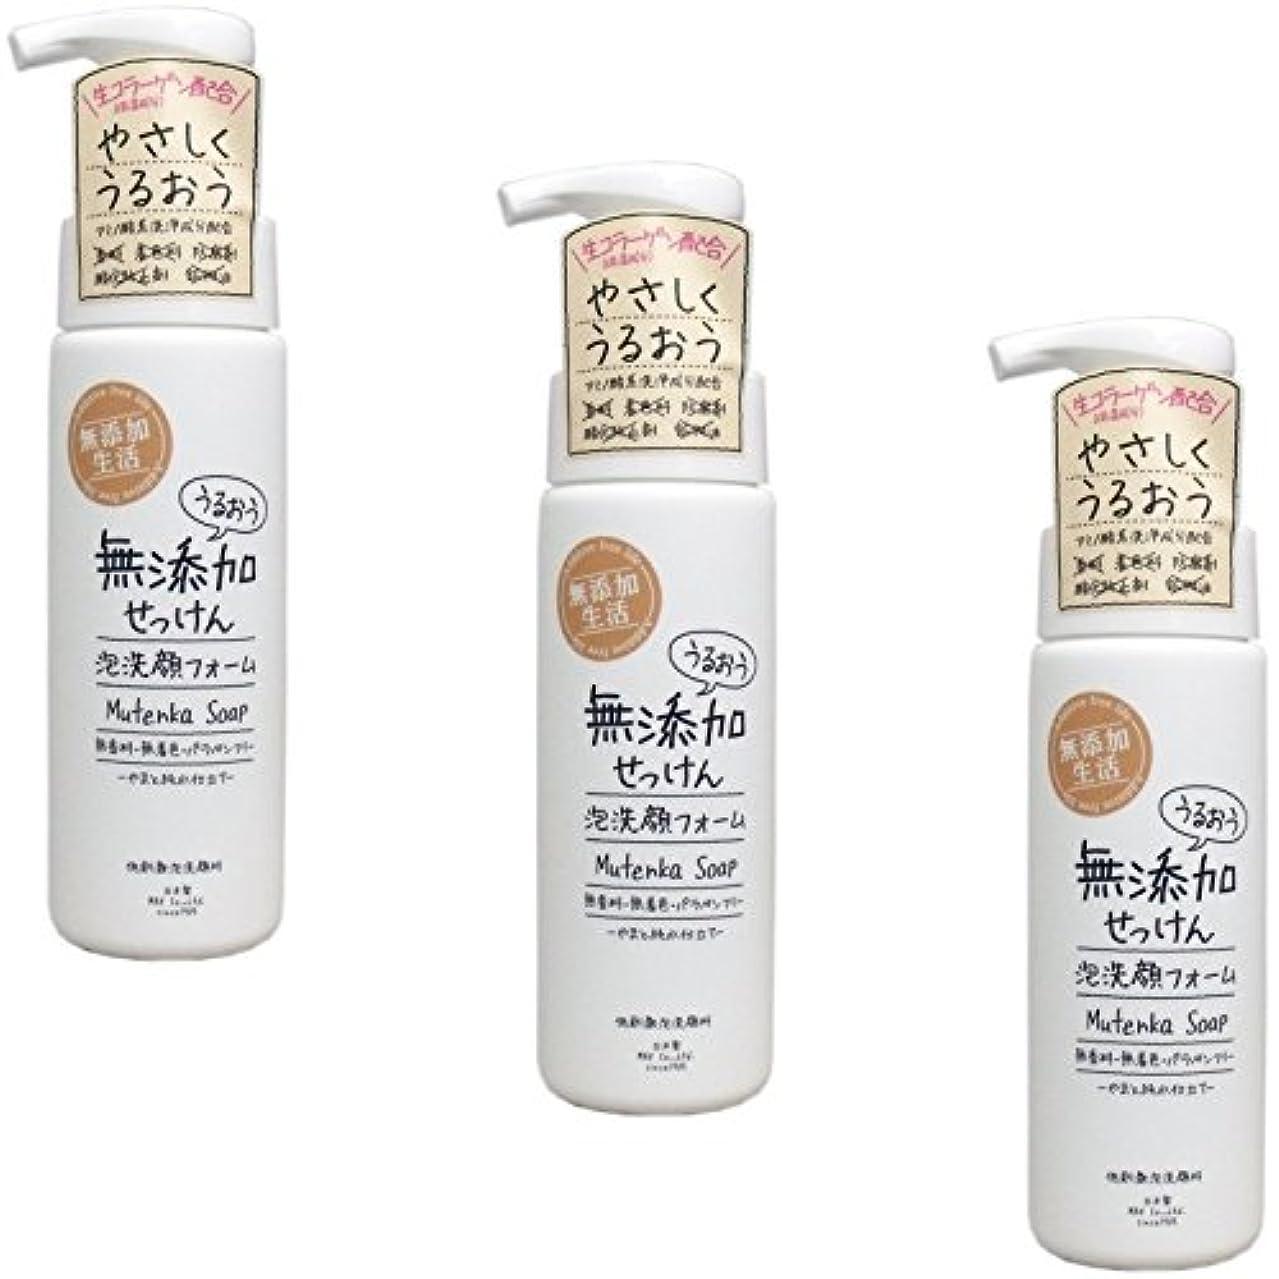 【まとめ買い】うるおう無添加泡洗顔フォーム 200mL【×3個】